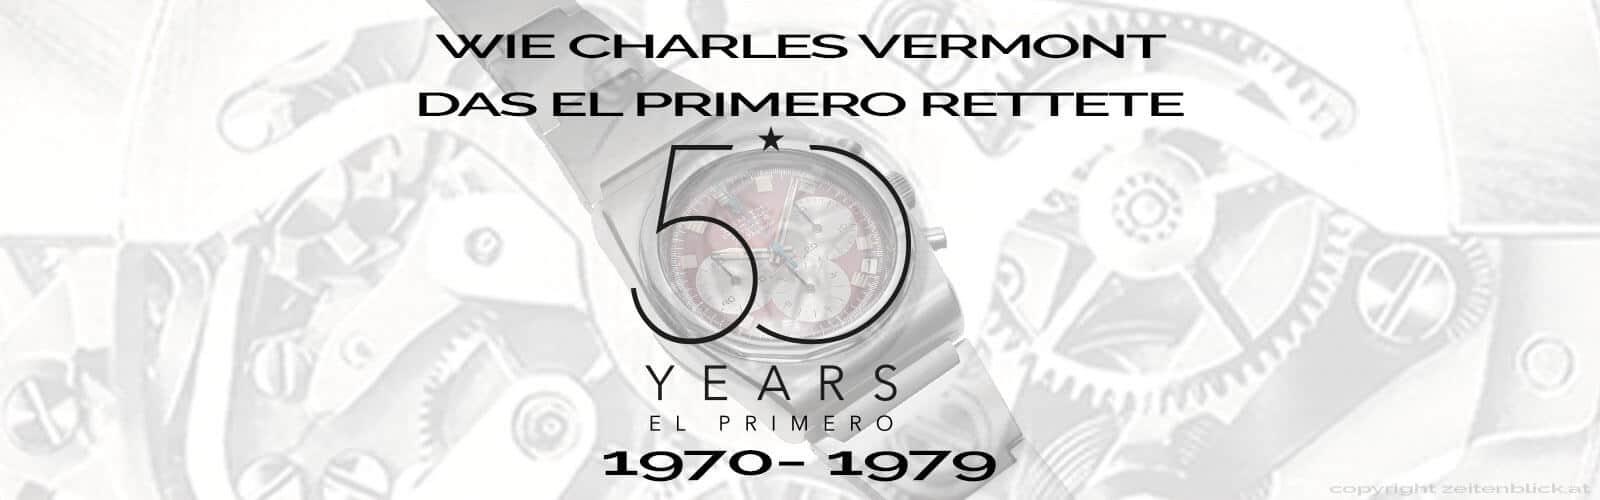 Header zur Geschichte des El Primero Teil 2, die Jahre 1970 bis 1979